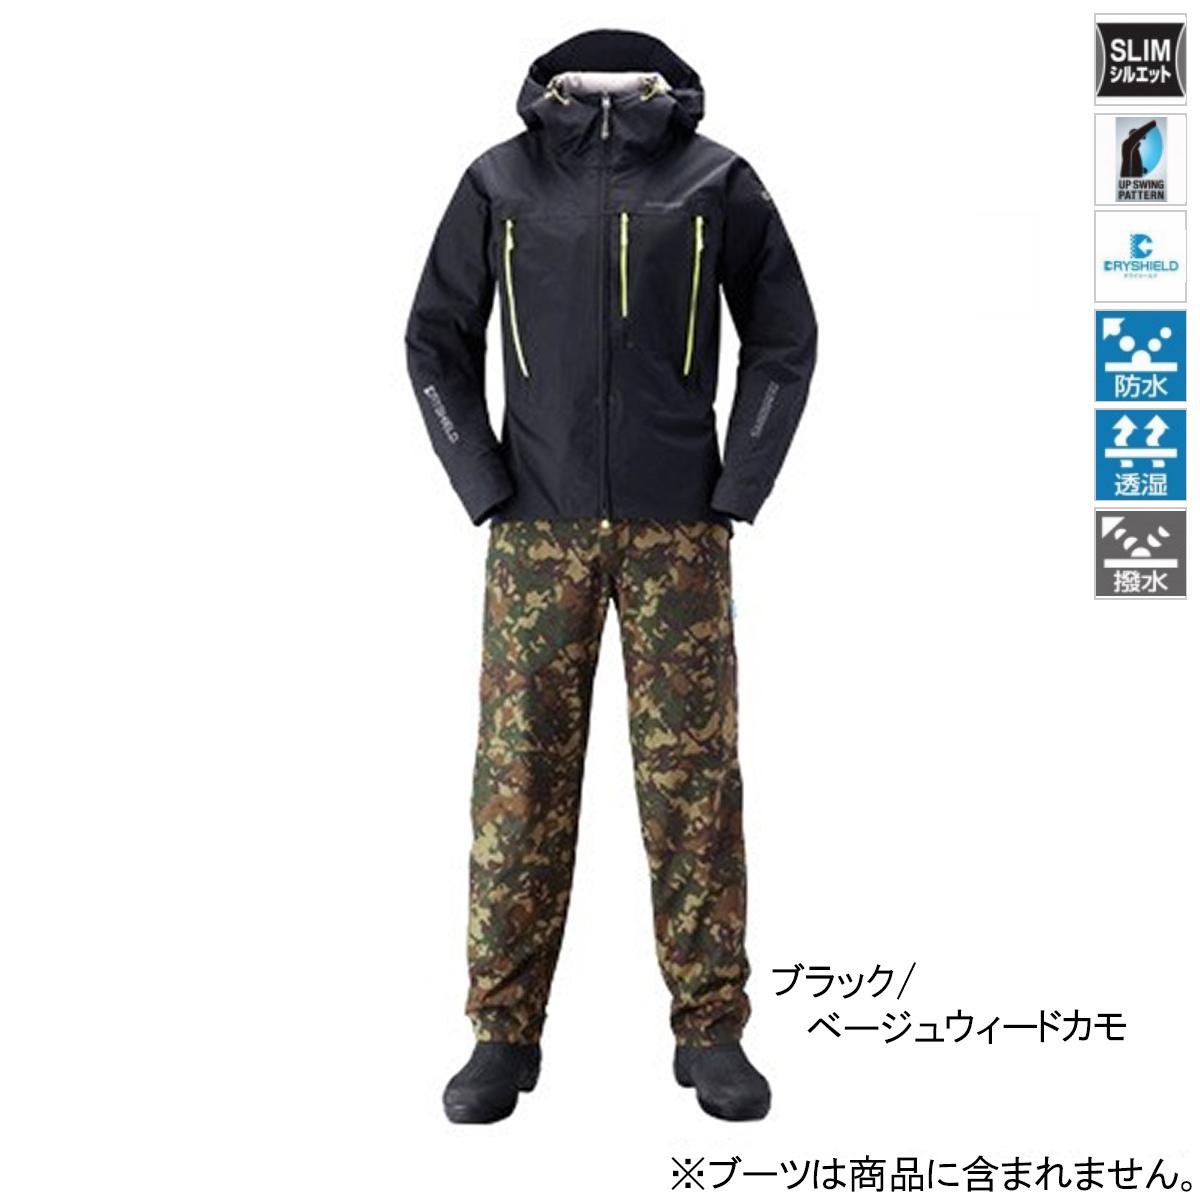 シマノ DSエクスプローラースーツ RA-024S L ブラック/ベージュウィードカモ(東日本店)